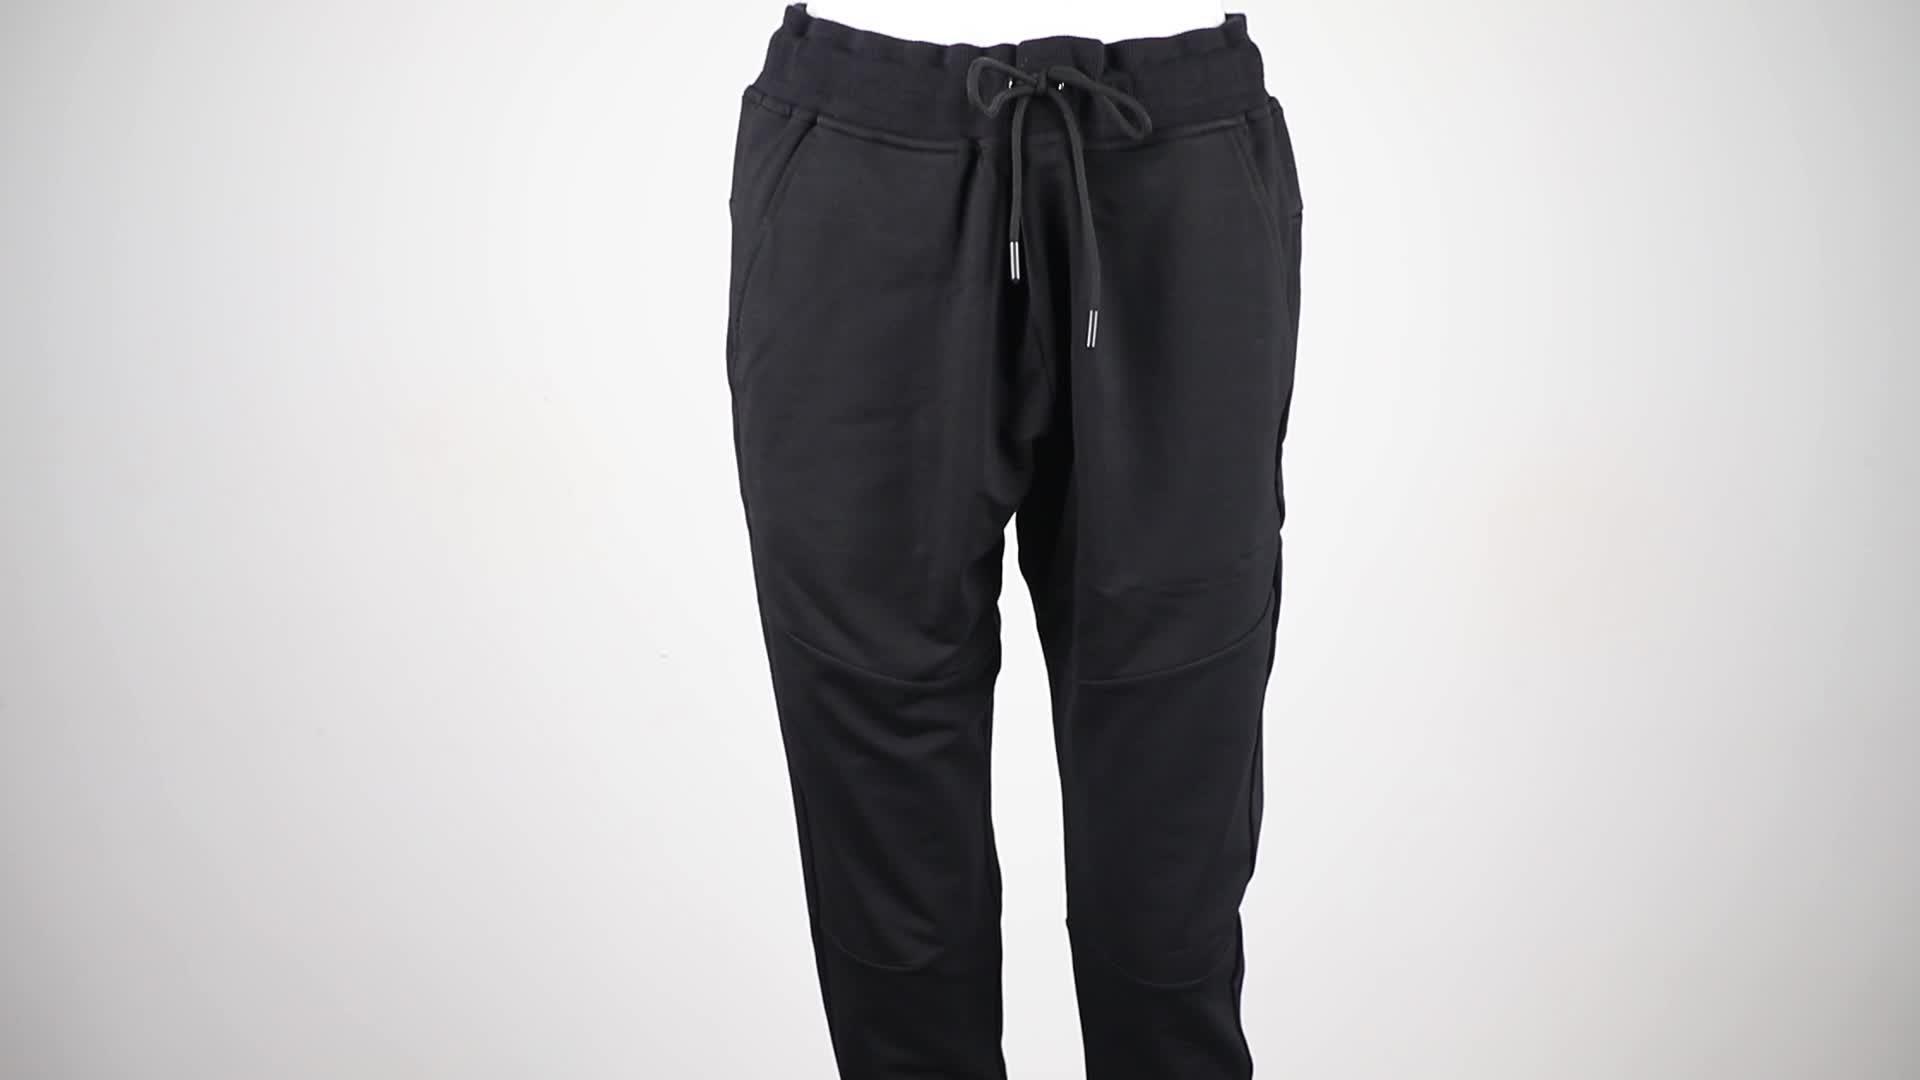 Più Nuovo Allenamento Fitness Pantaloni Della Tuta Tapered Slim Fit Gym Cotone Jogger pantaloni Uomo